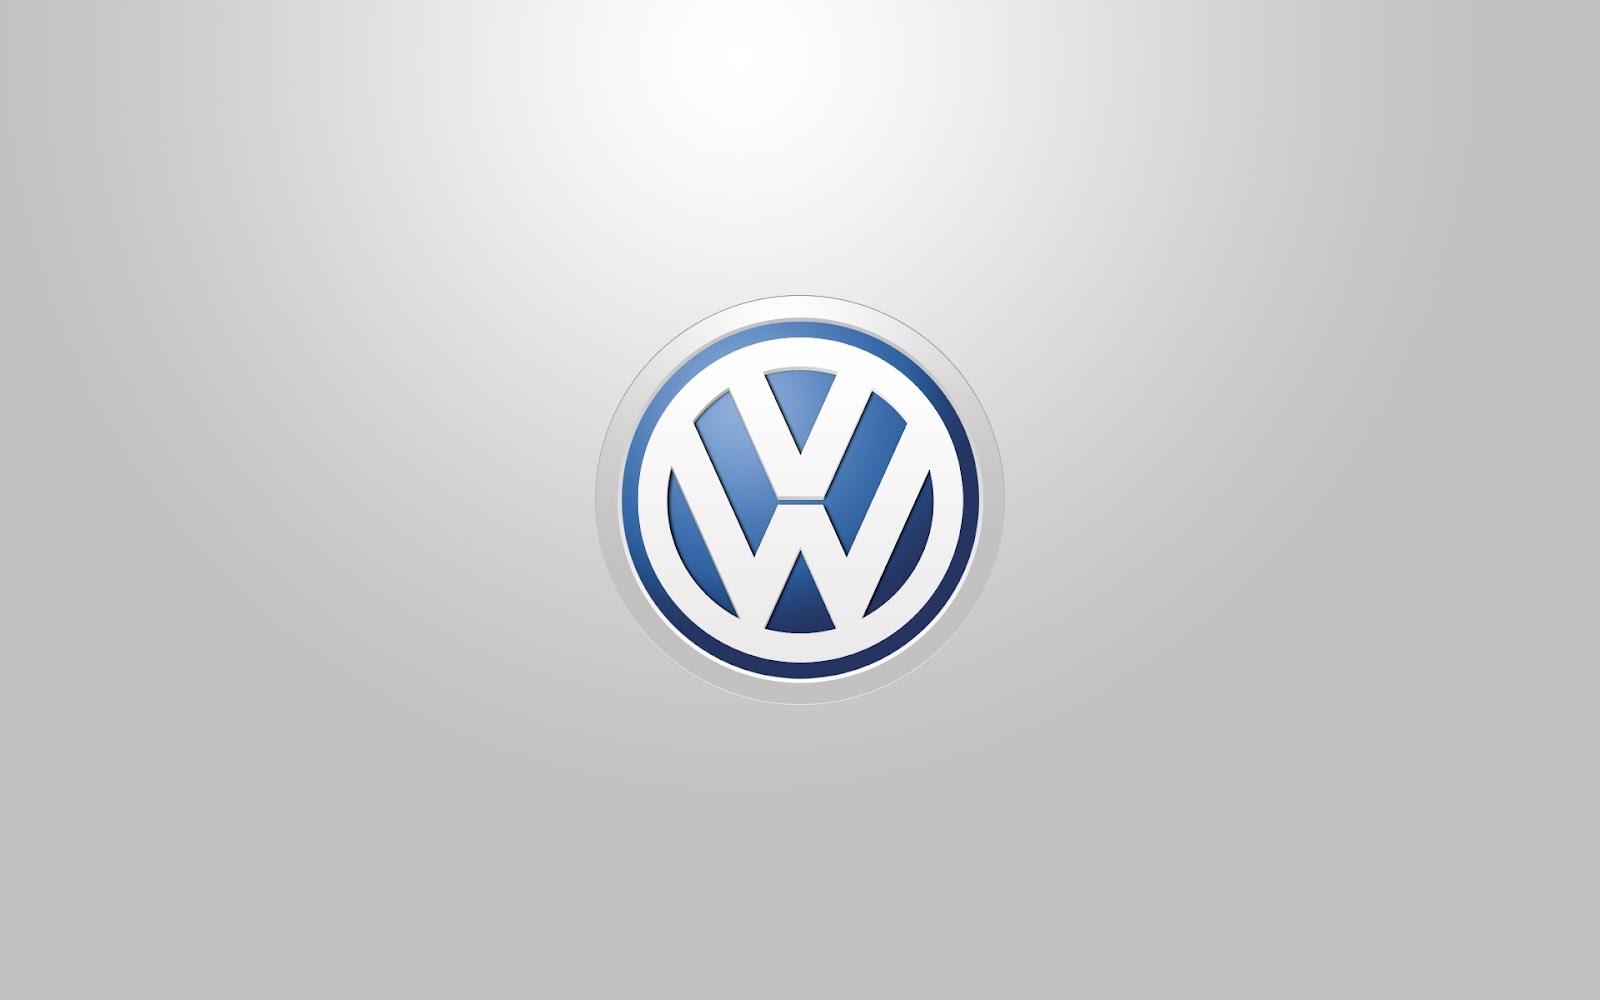 Volkswagen VW Logo Wallpaper Download 812 Wallpaper Cool 1600x1000